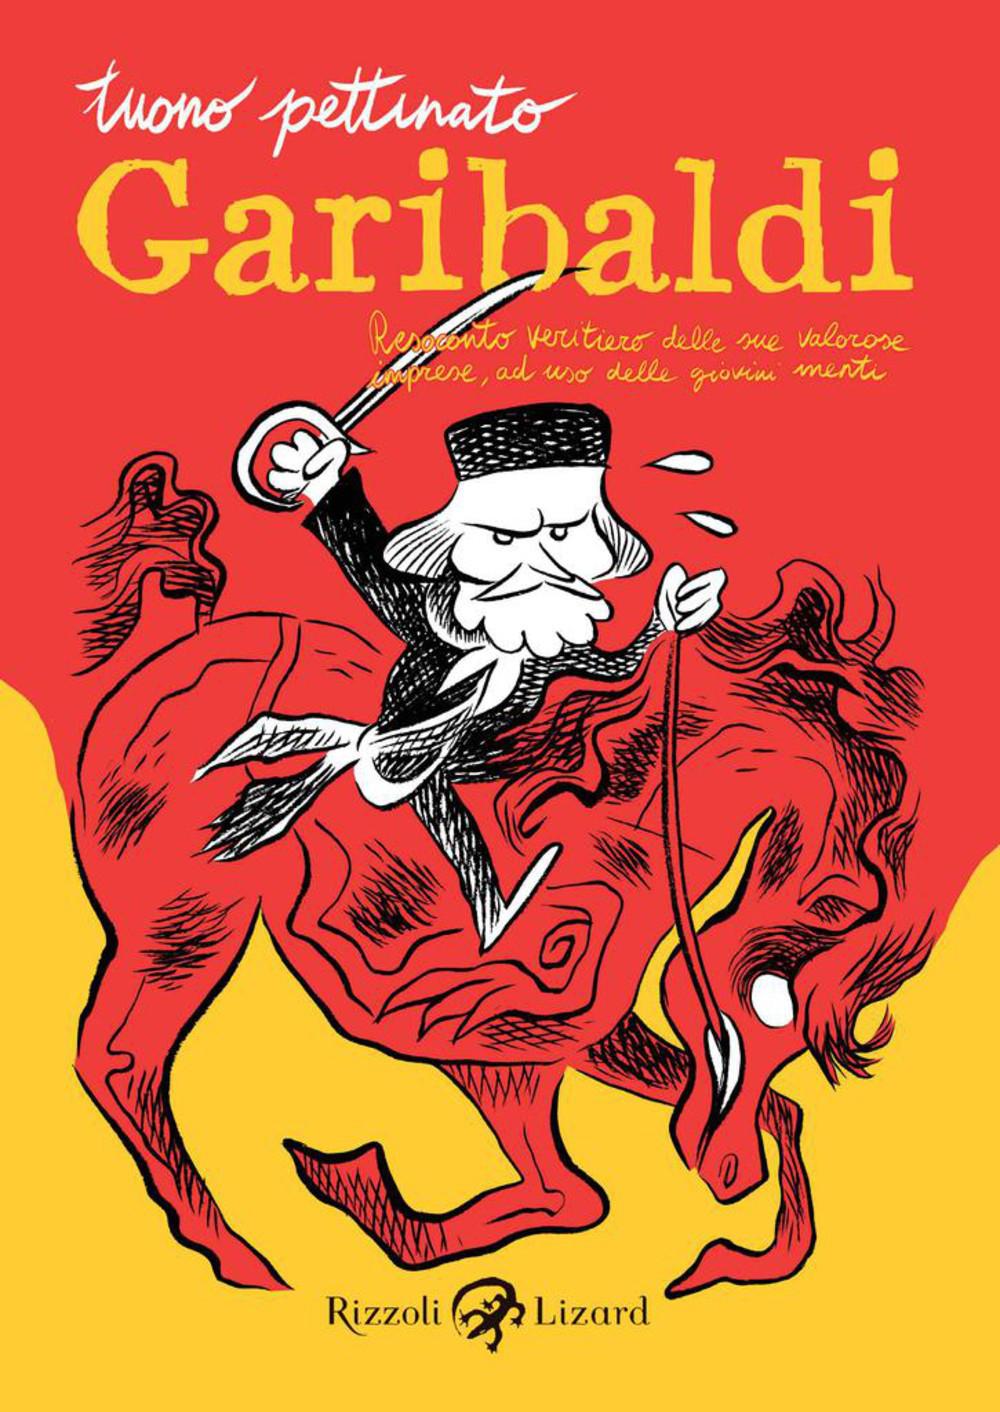 Tuono Pettinato, Garibaldi. Resoconto veritiero delle sue valorose imprese, ad uso delle giovini menti (Rizzoli Lizard, 2010). Copertina